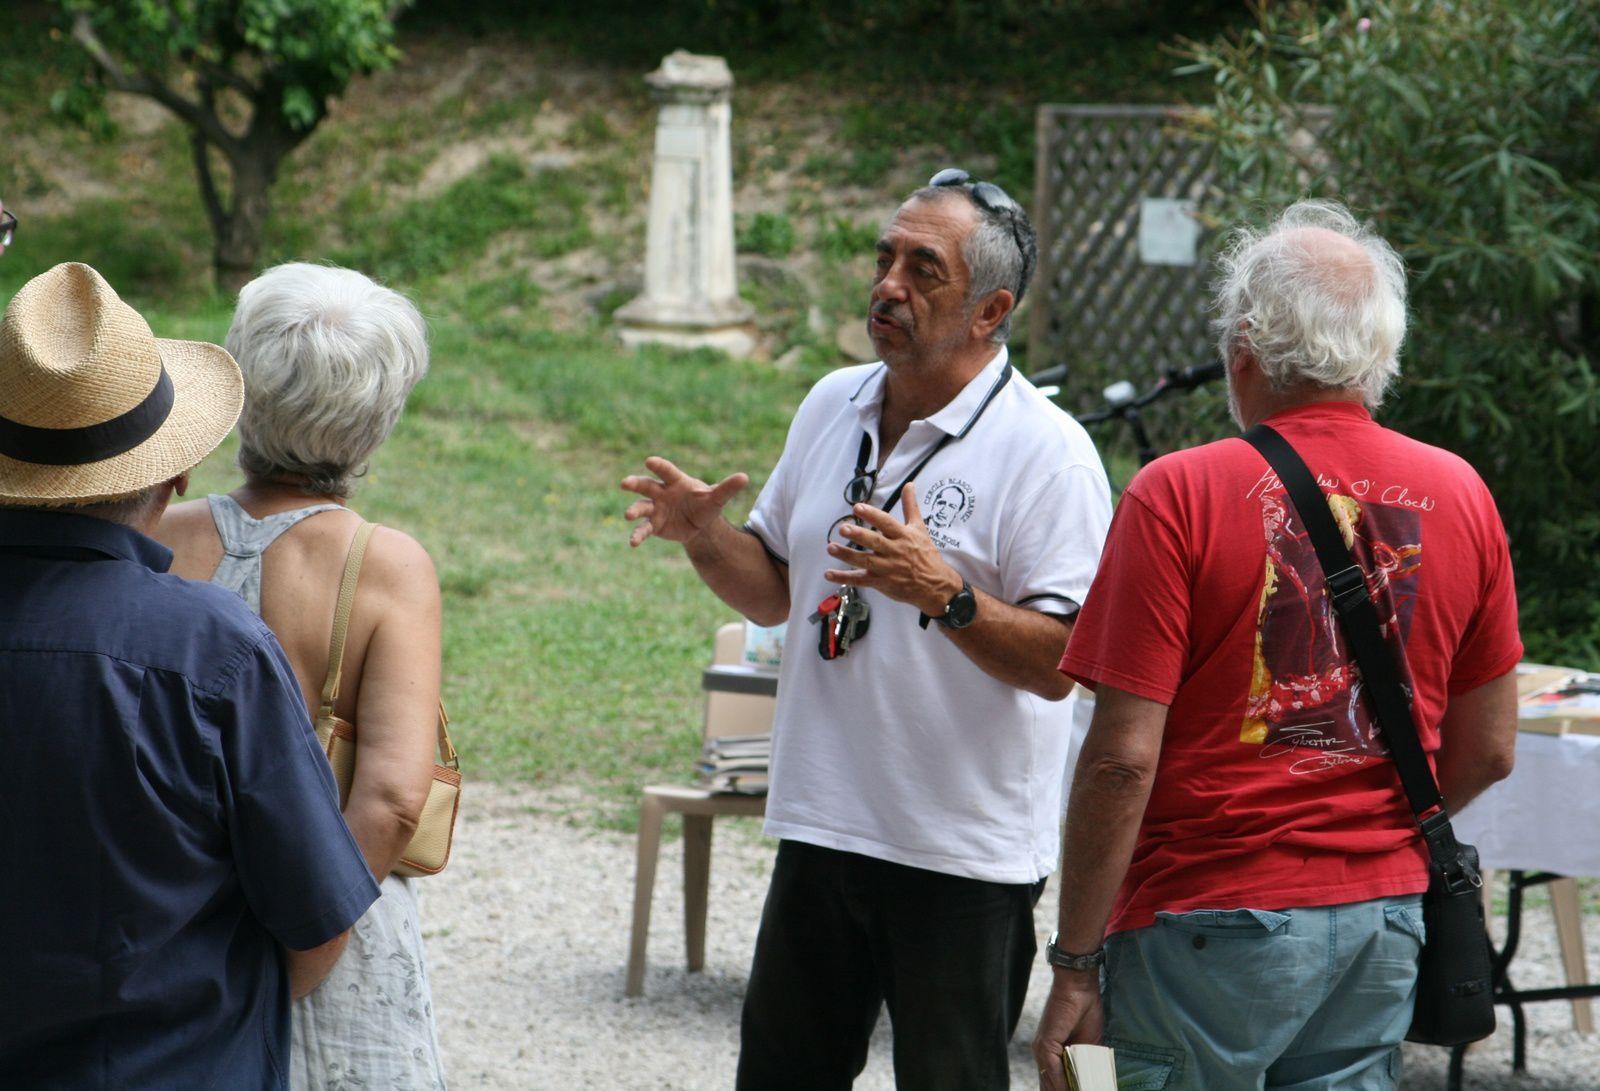 Le festival  du livre d'occasion du Cercle Blasco Ibàñez : une nouvelle vie pour les livres